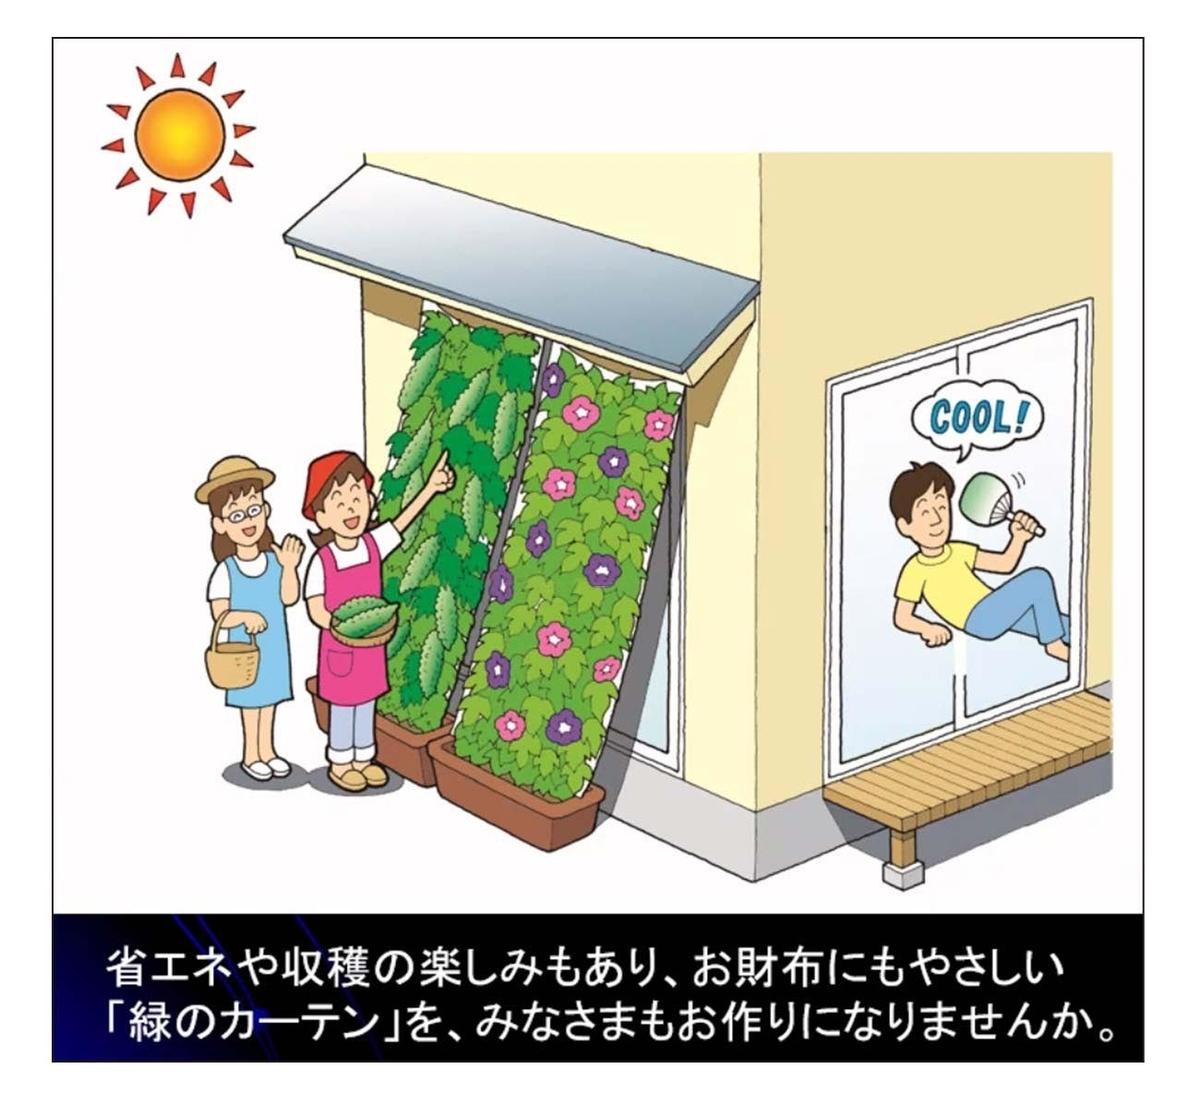 f:id:jiajiawarabi:20210822135235j:plain